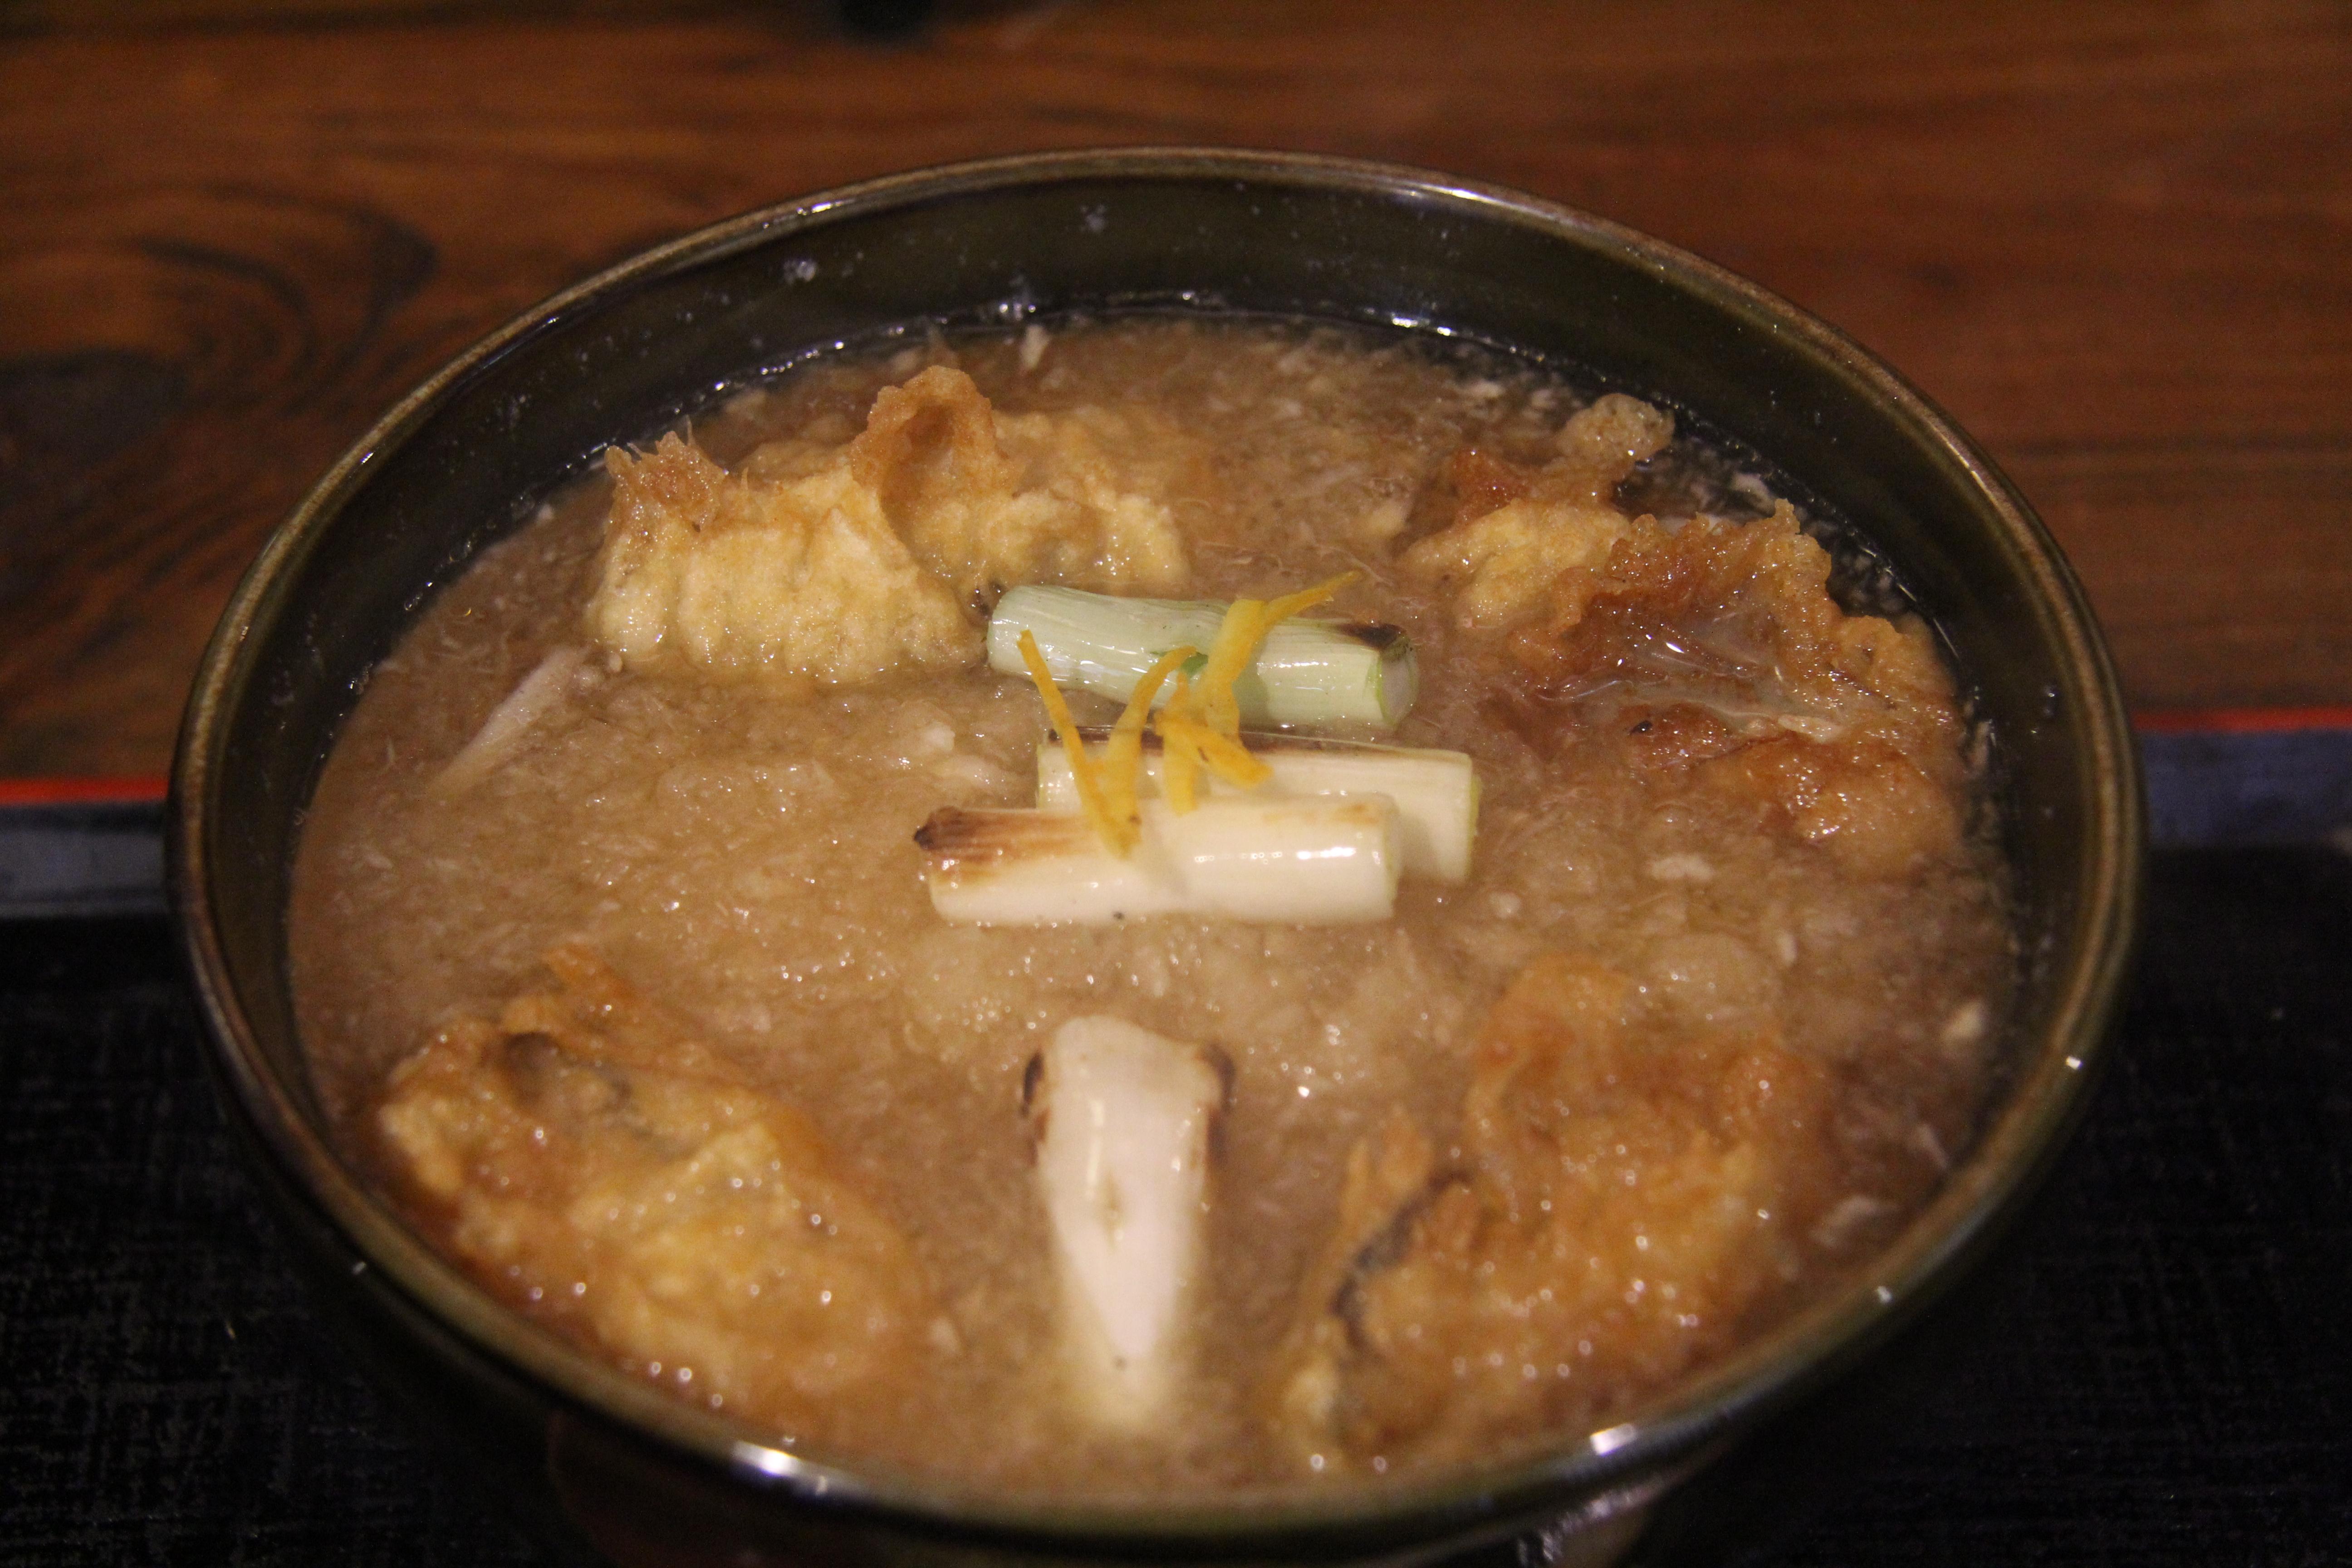 歴史ある町屋で食べる、絶品牡蠣みぞれそば。阿賀町津川「塩屋橘」